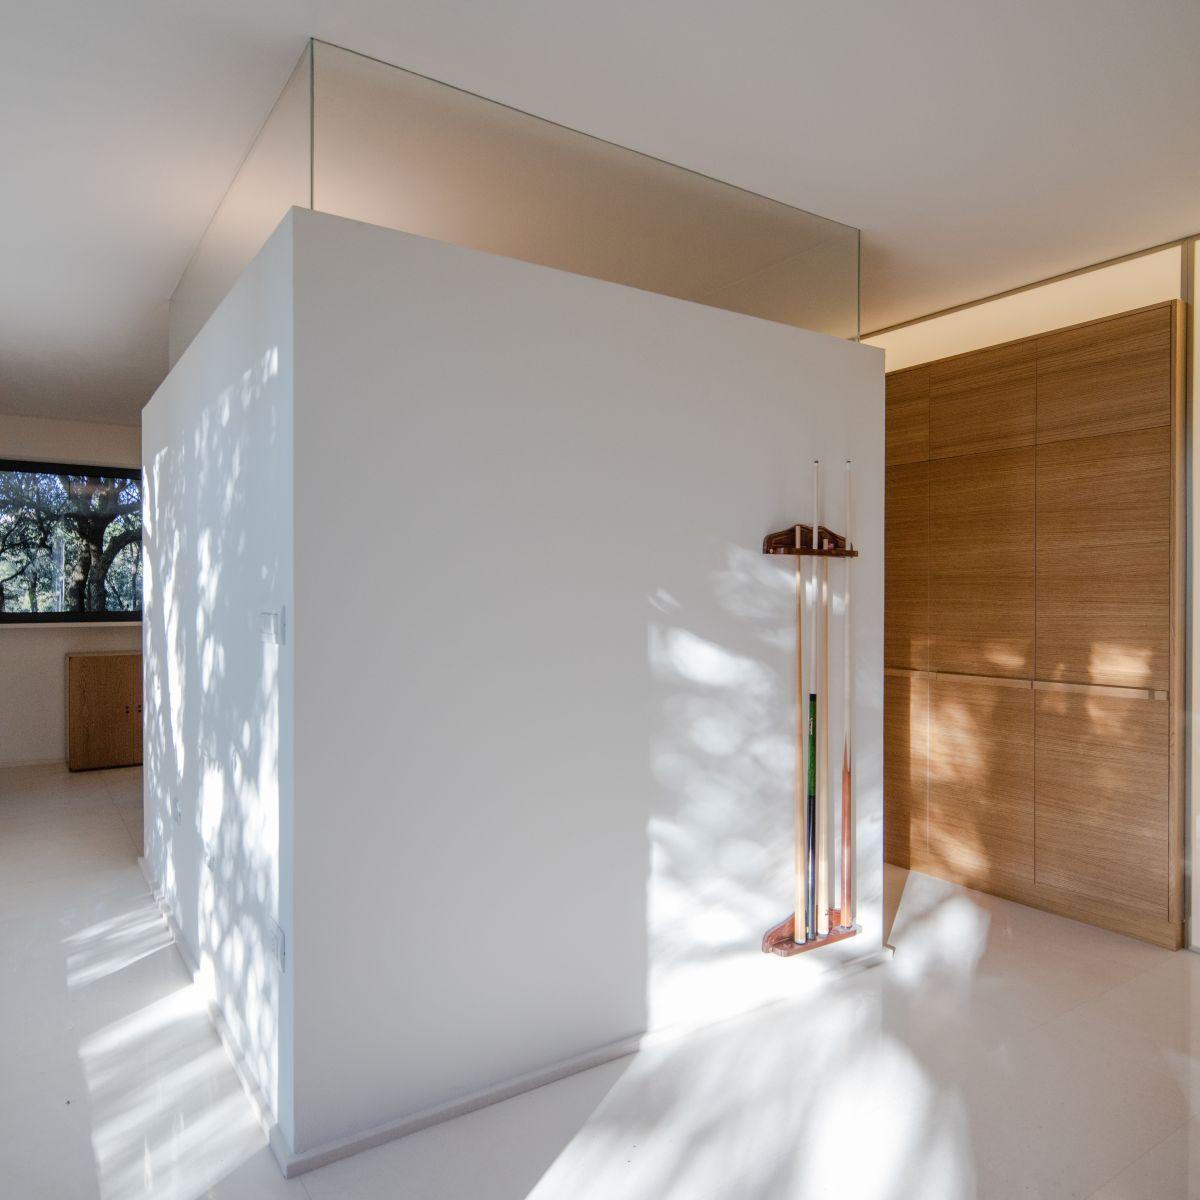 Casa nel Bosco compact cube volume